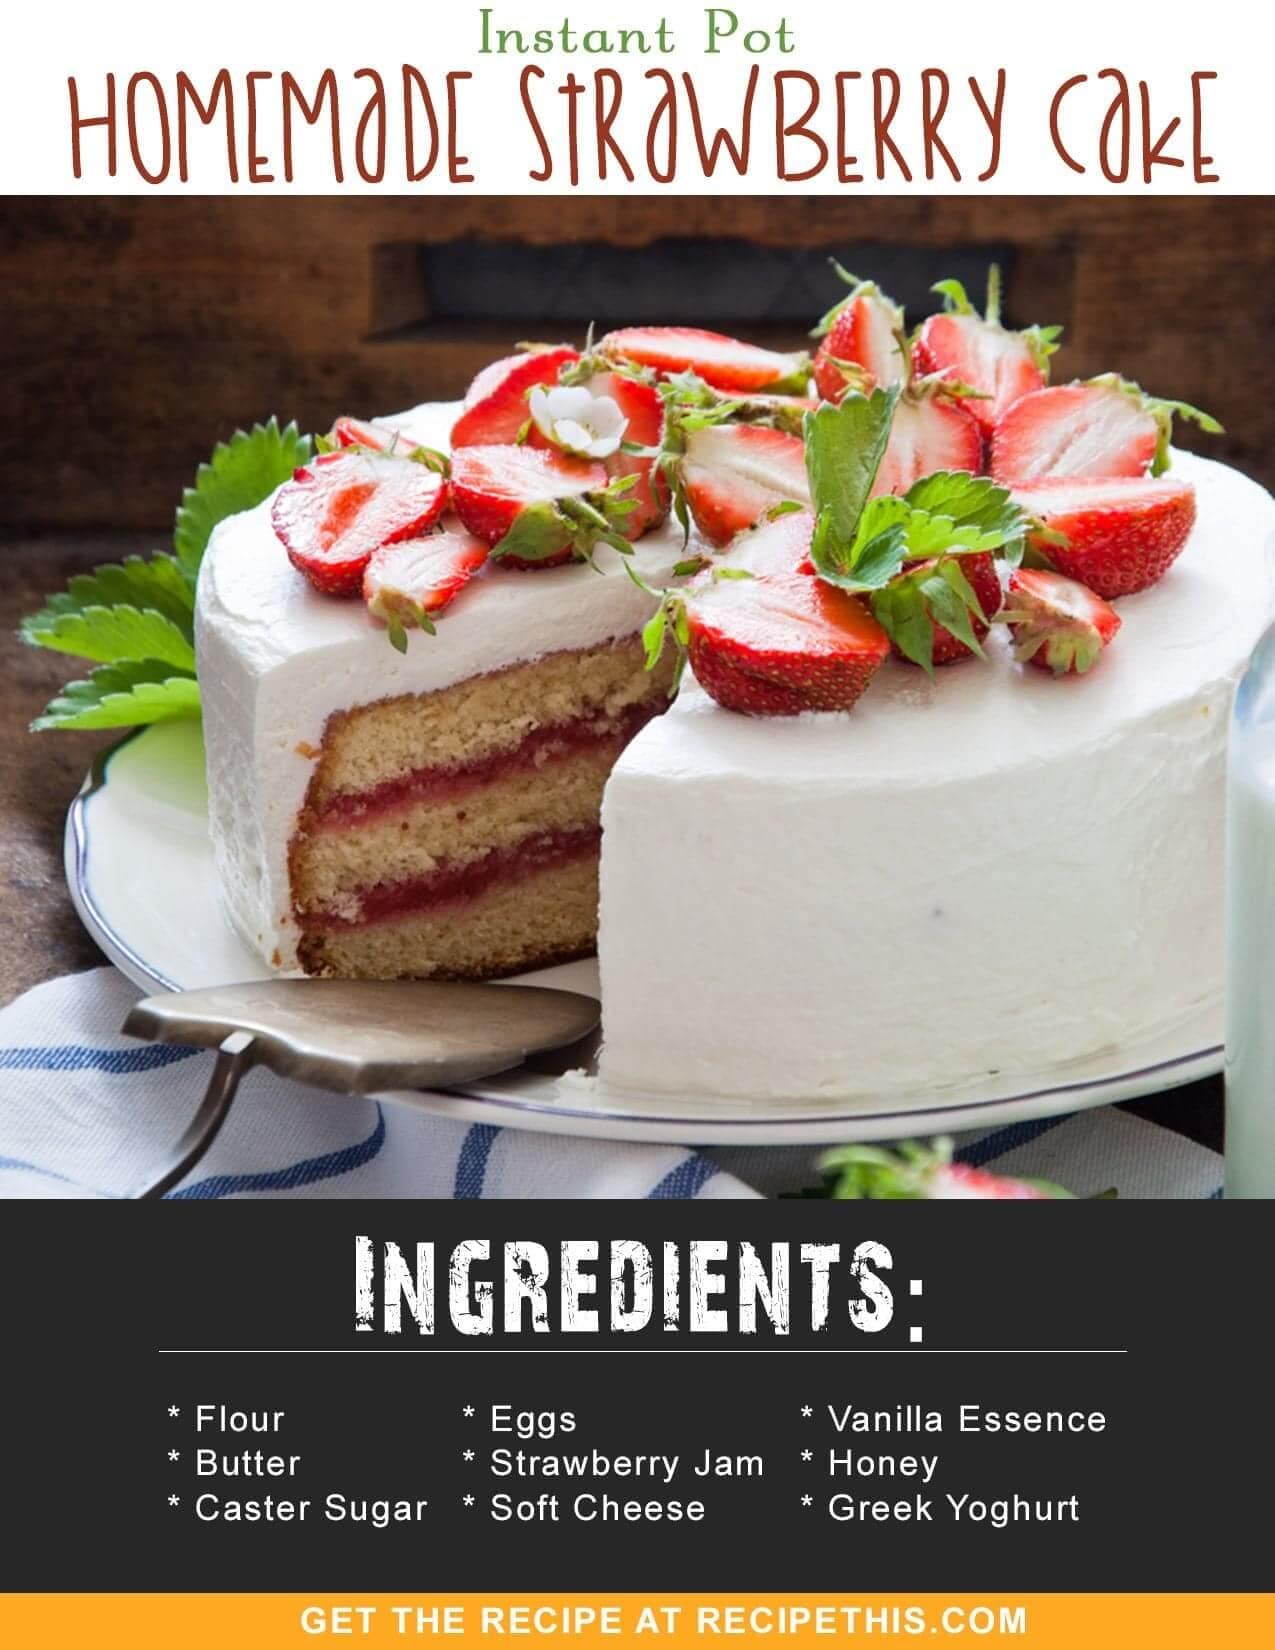 Instant Pot Recipes | Instant Pot Homemade Strawberry Cake Recipe